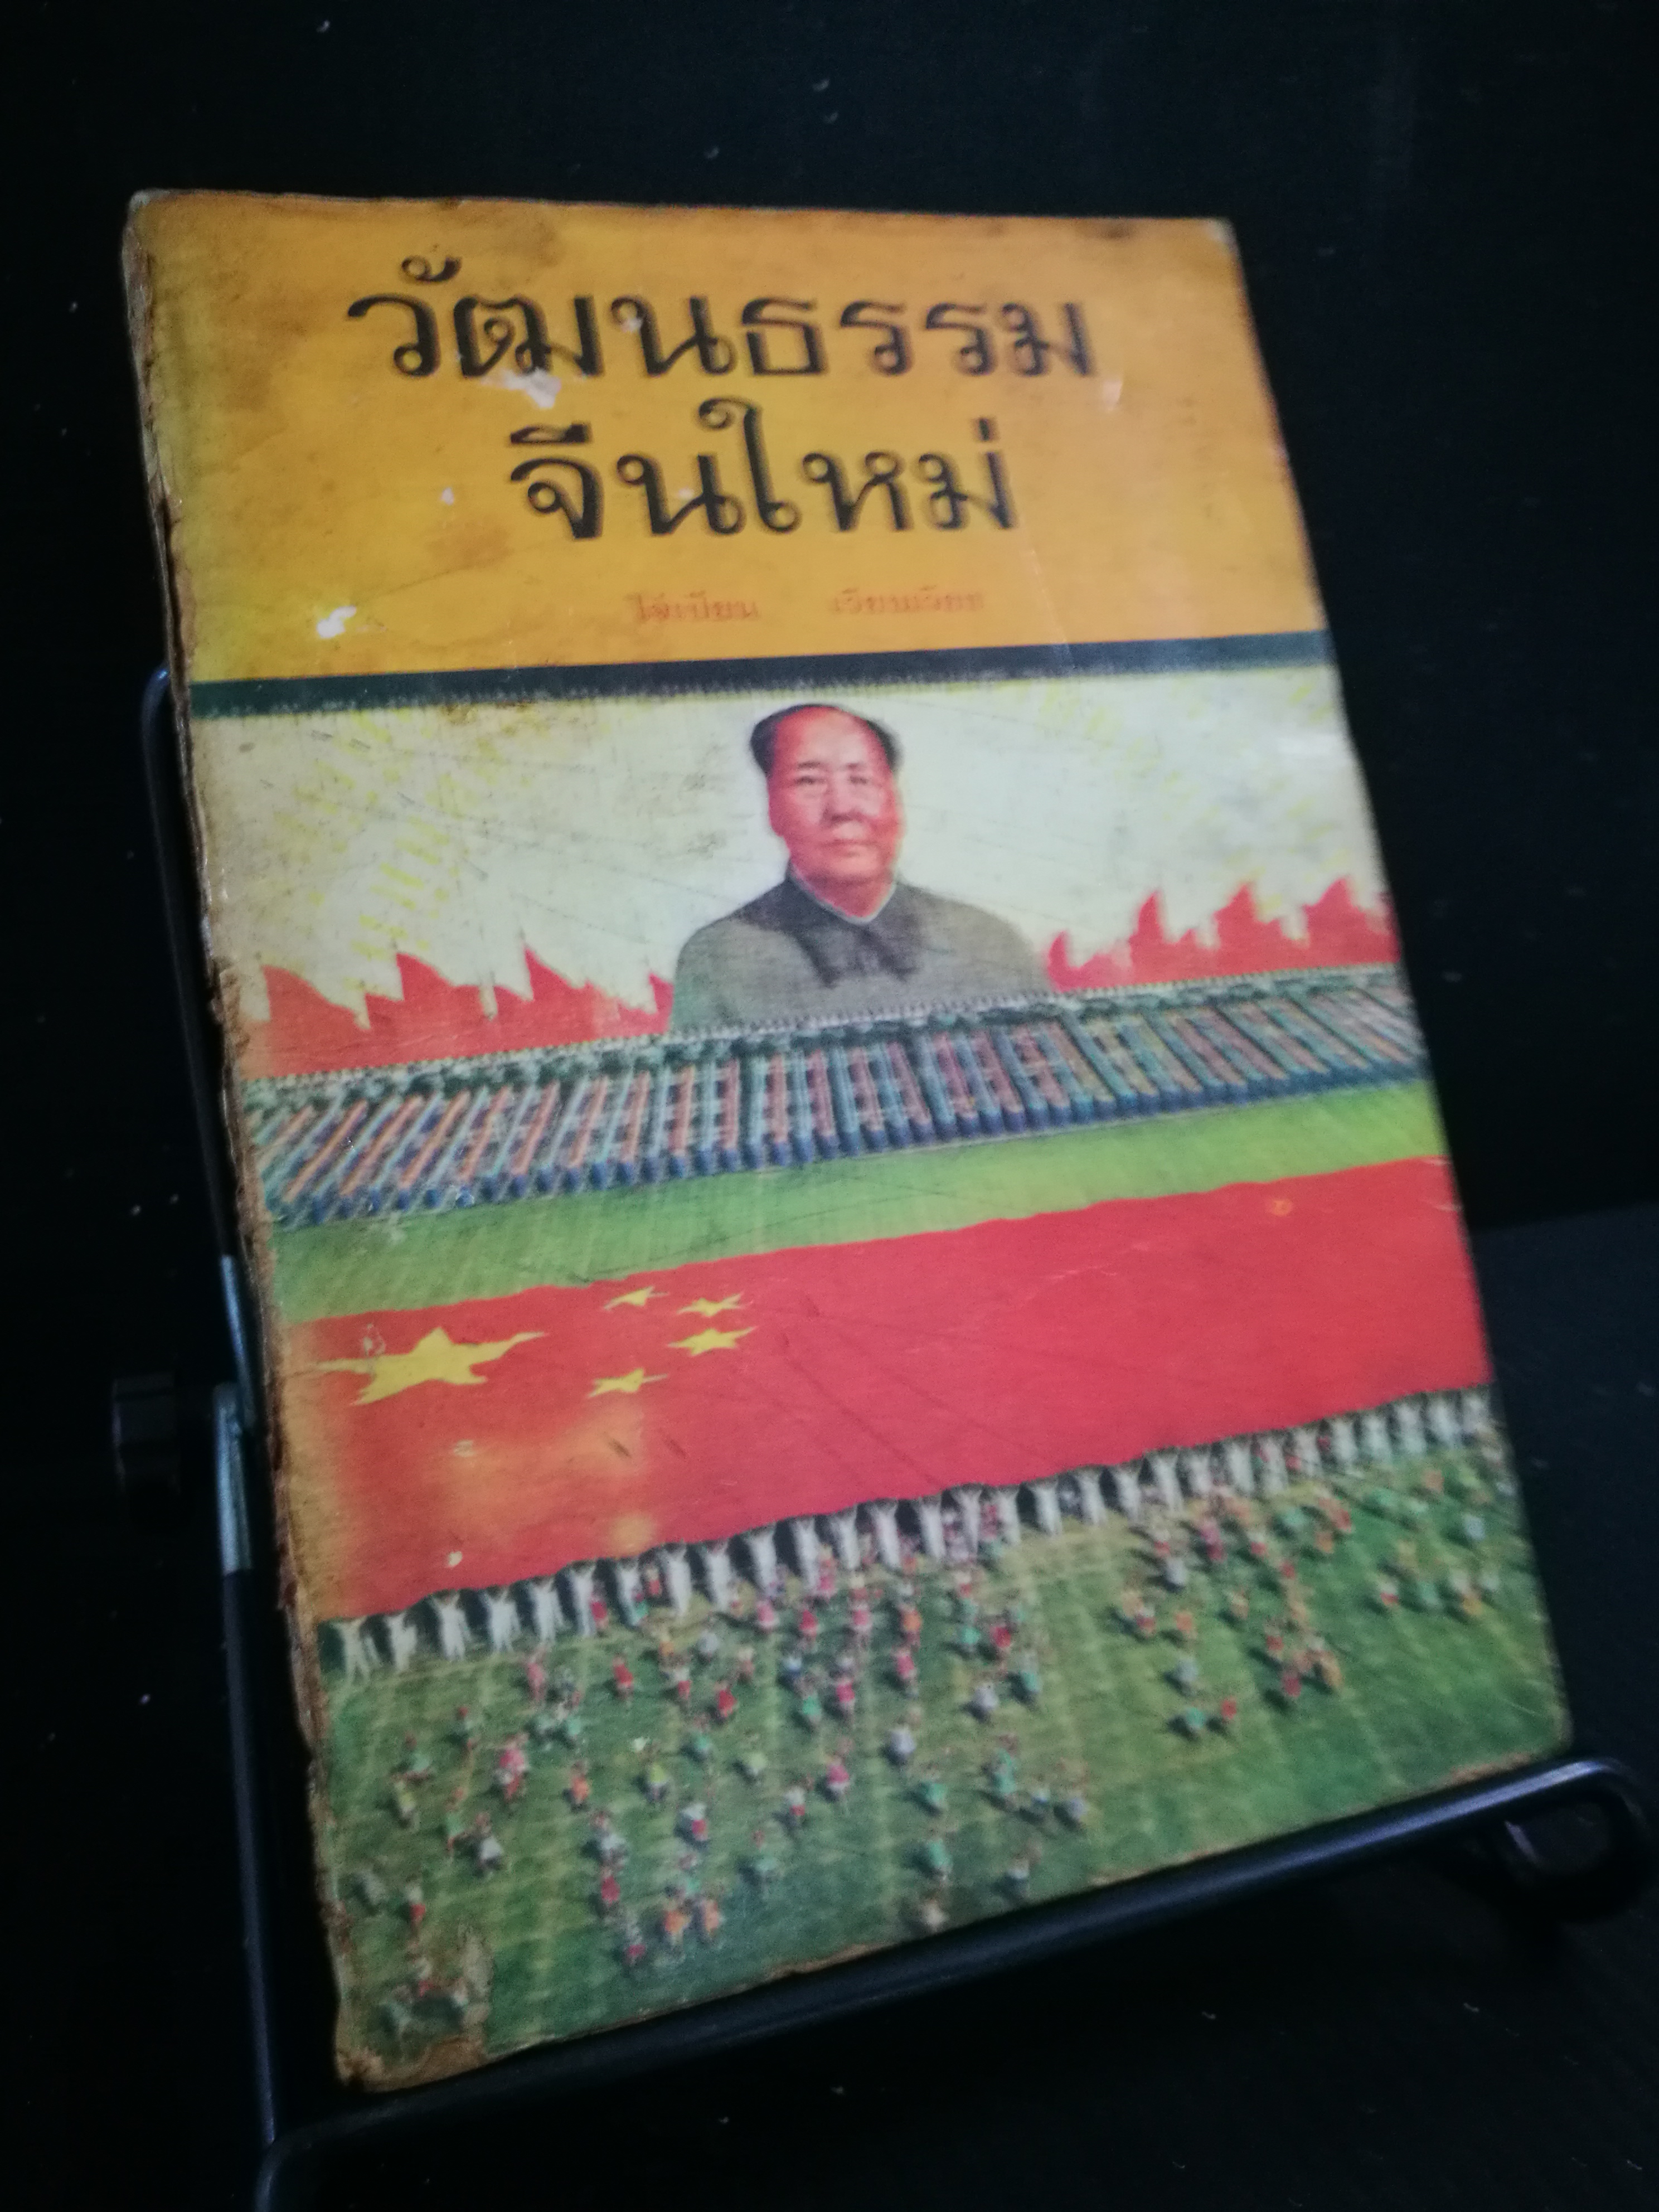 วัฒนธรรมจีนใหม่ - หนังสือต้องห้าม